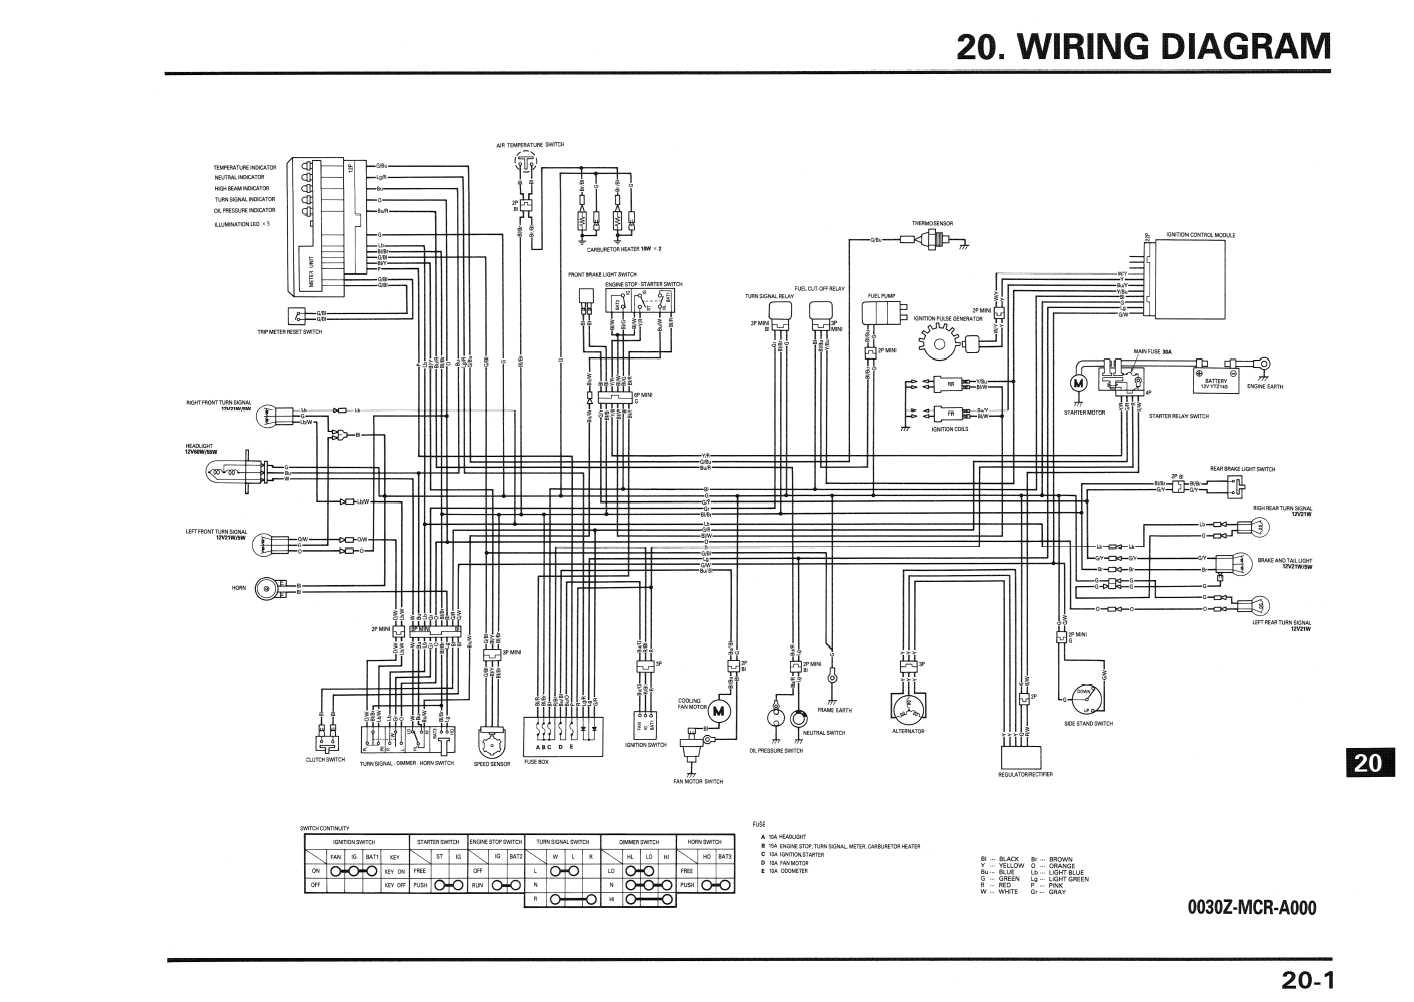 Honda Shadow Ace Turn Signal Wiring Diagram